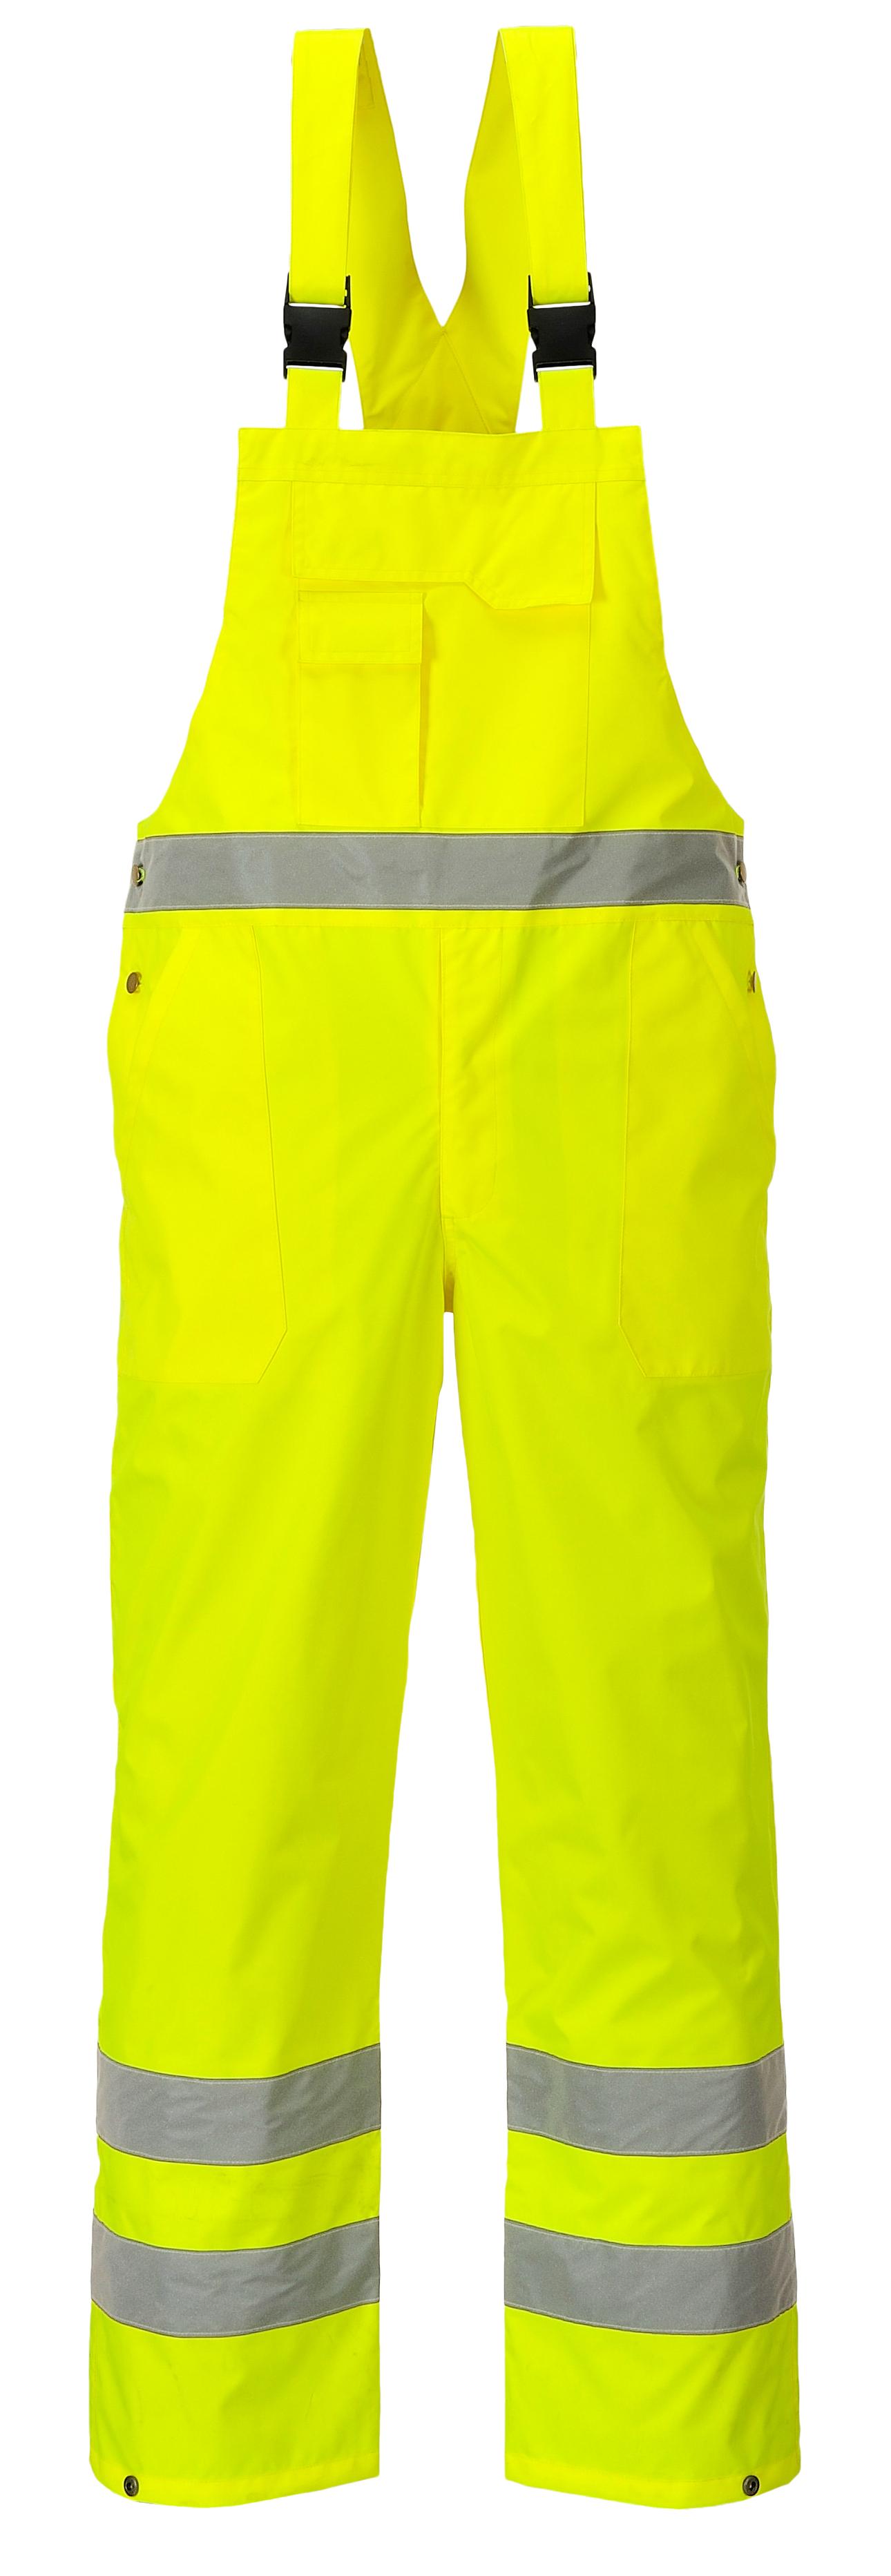 125767cff9ac Pracovné odevy - Reflexné nohavice na traky - nepodšité